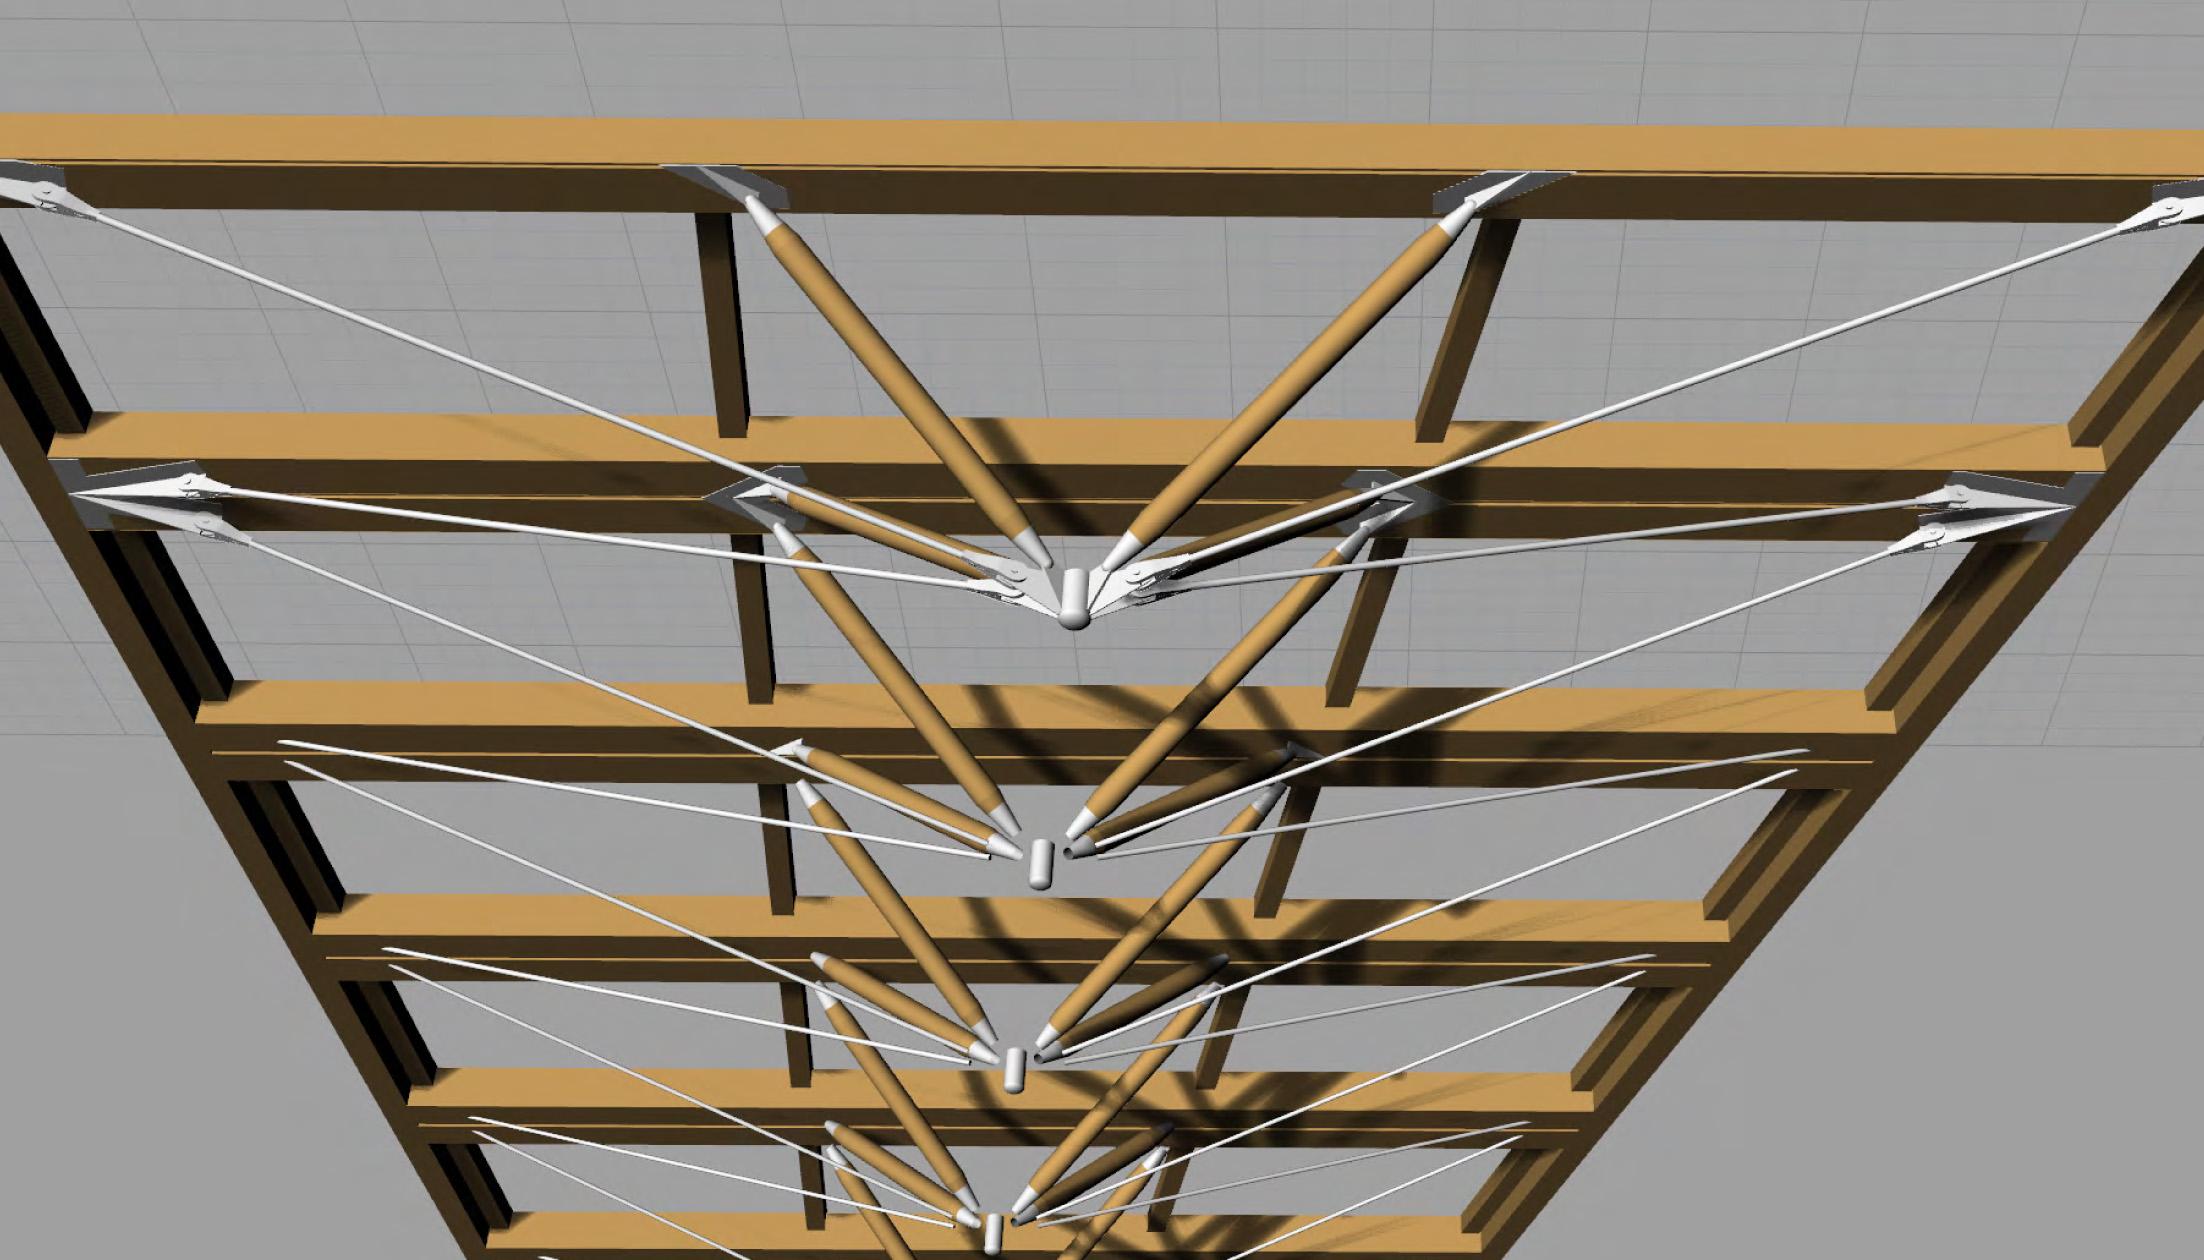 Zipper truss rendering